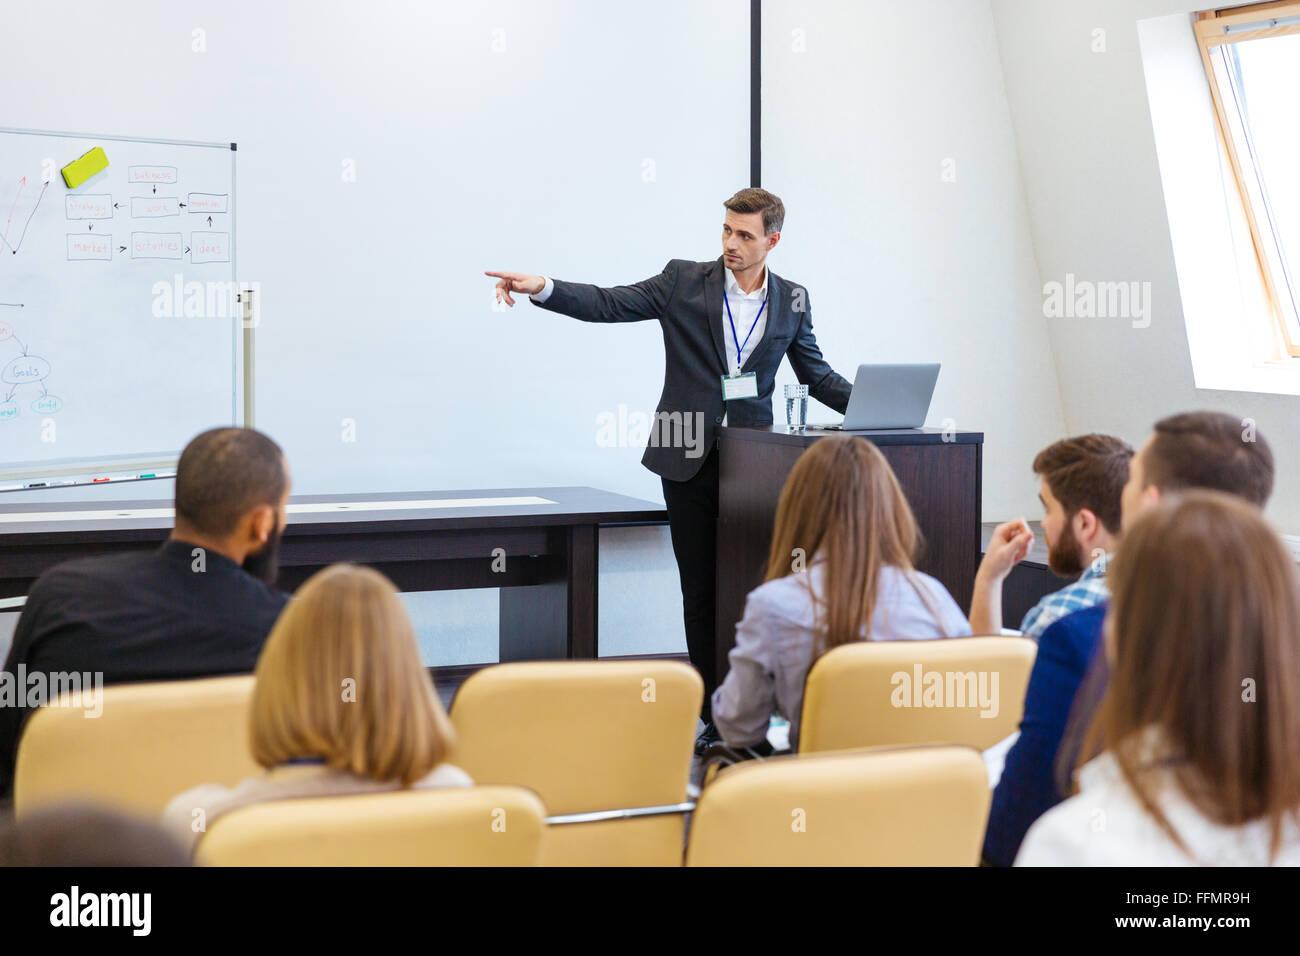 Orador dando presentación a la conferencia de negocios en la sala de reuniones Imagen De Stock